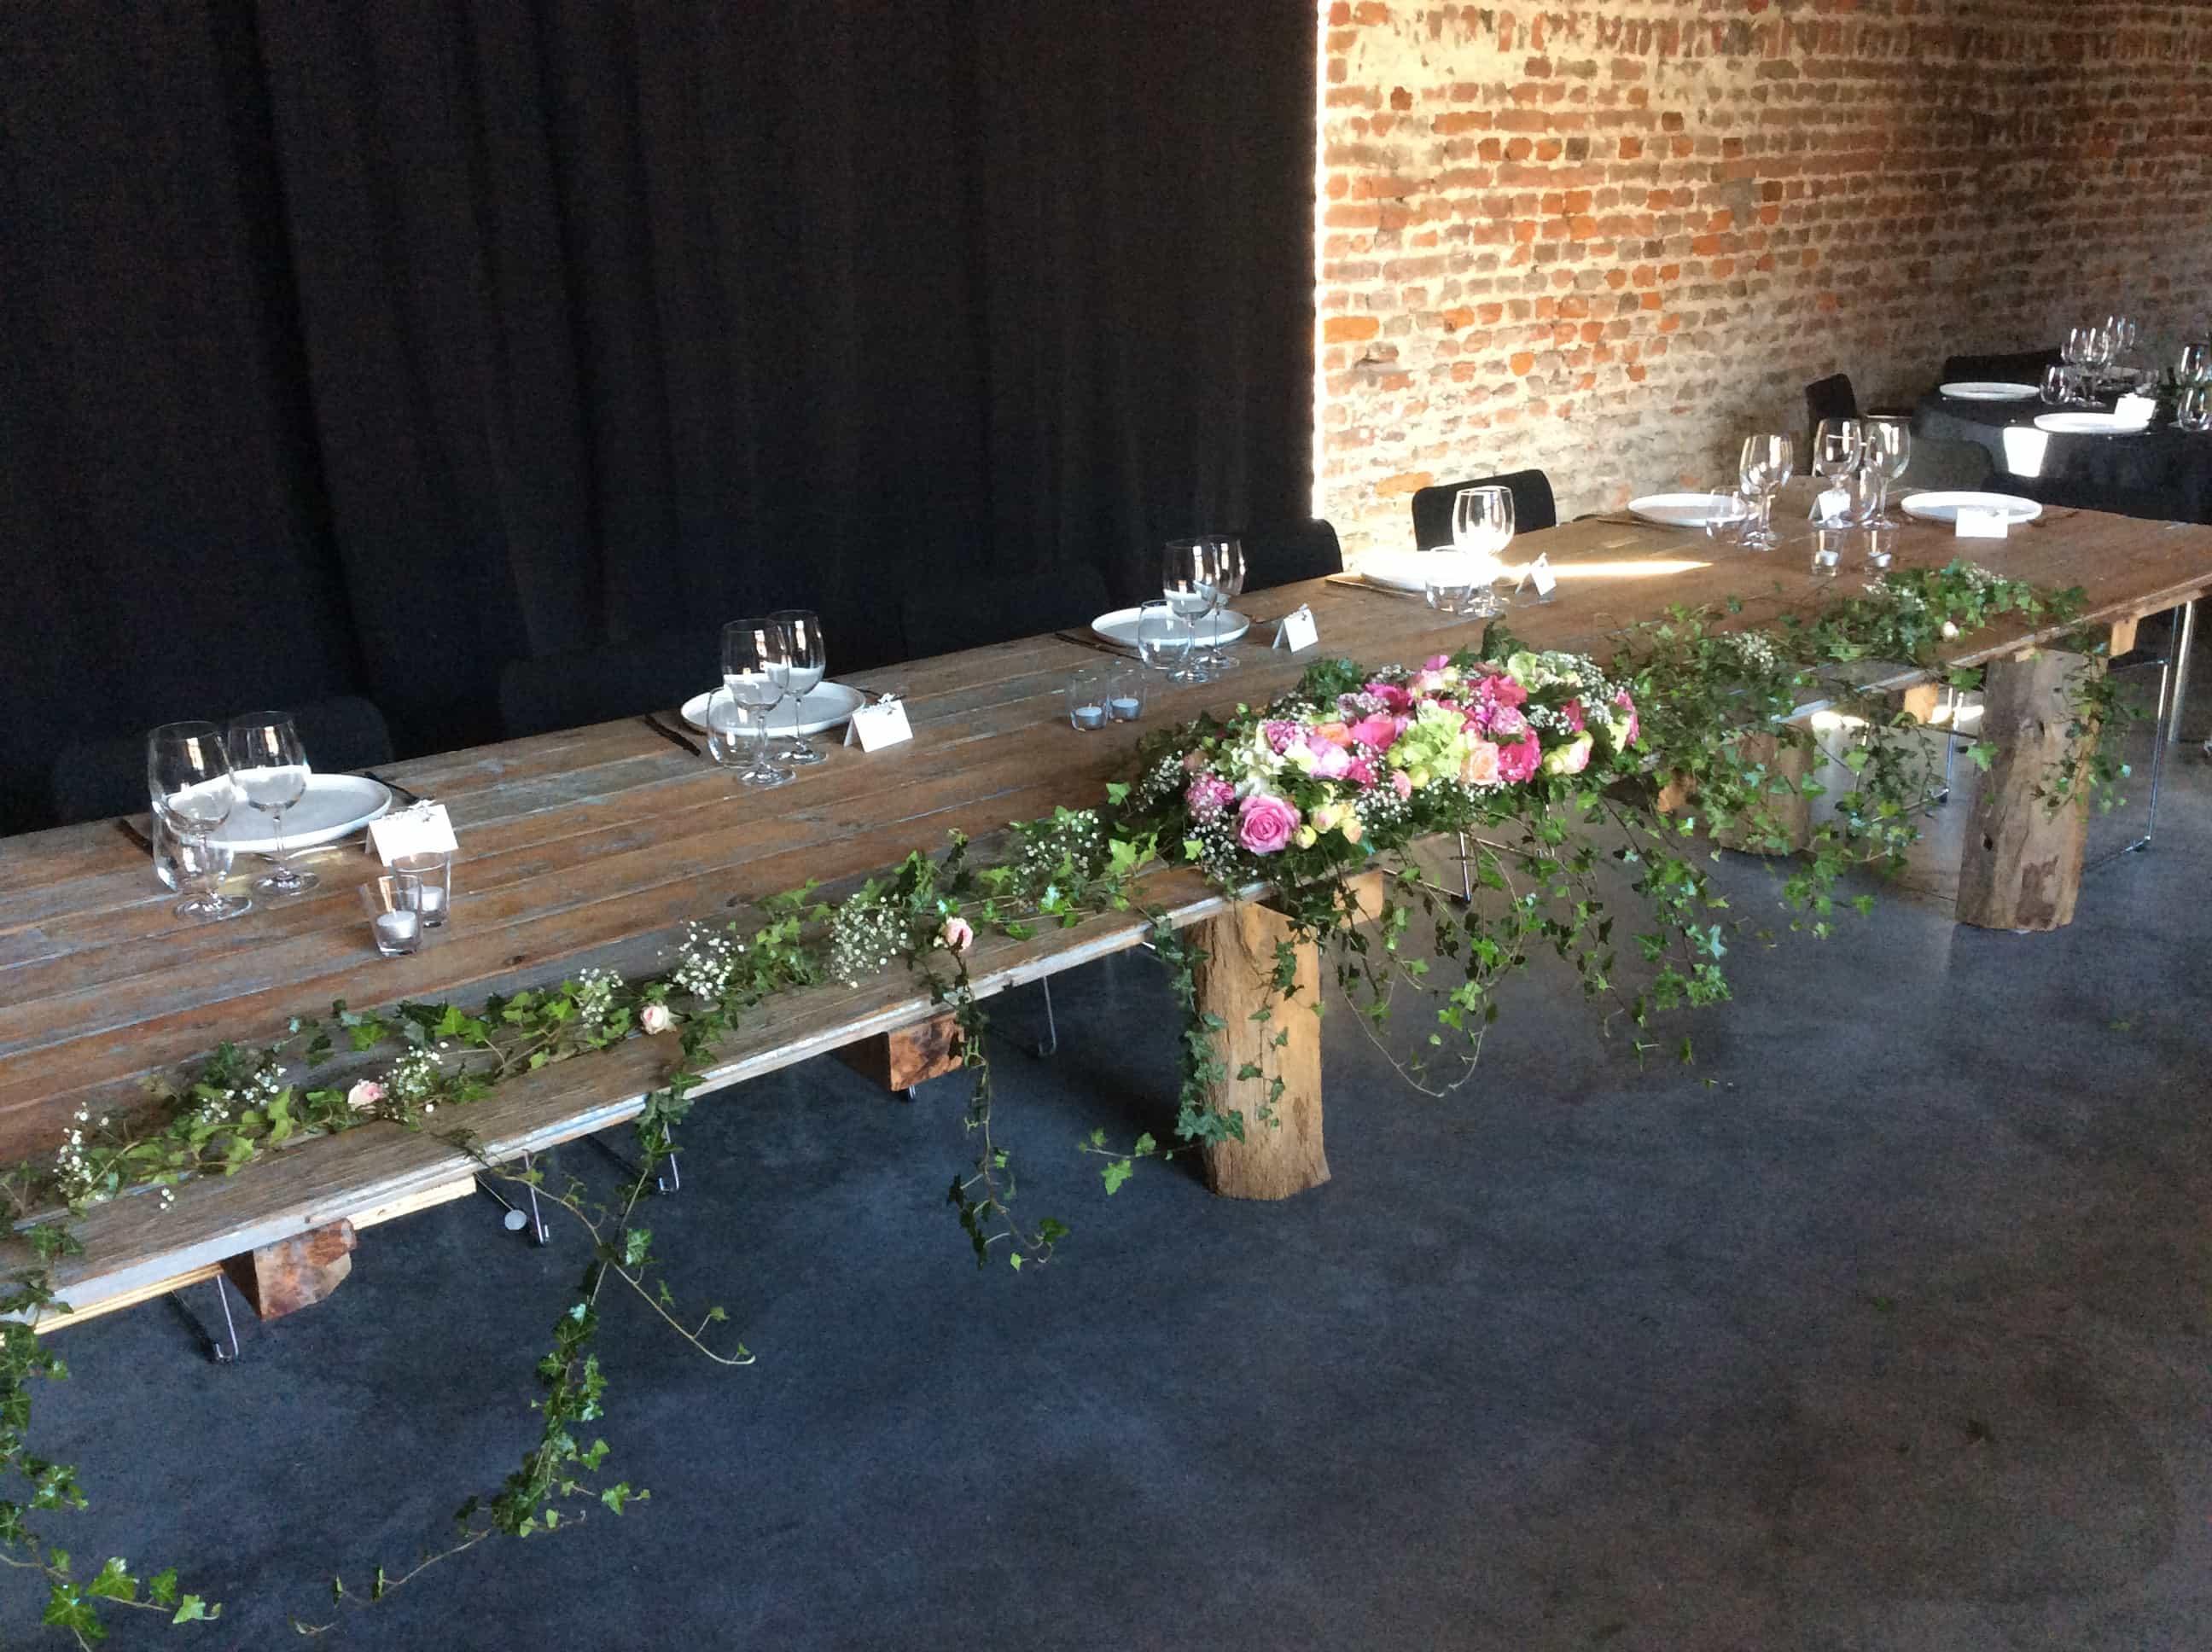 Huwelijksfeest (Montenaken) in de bloemen gezet door bloemen Blavier